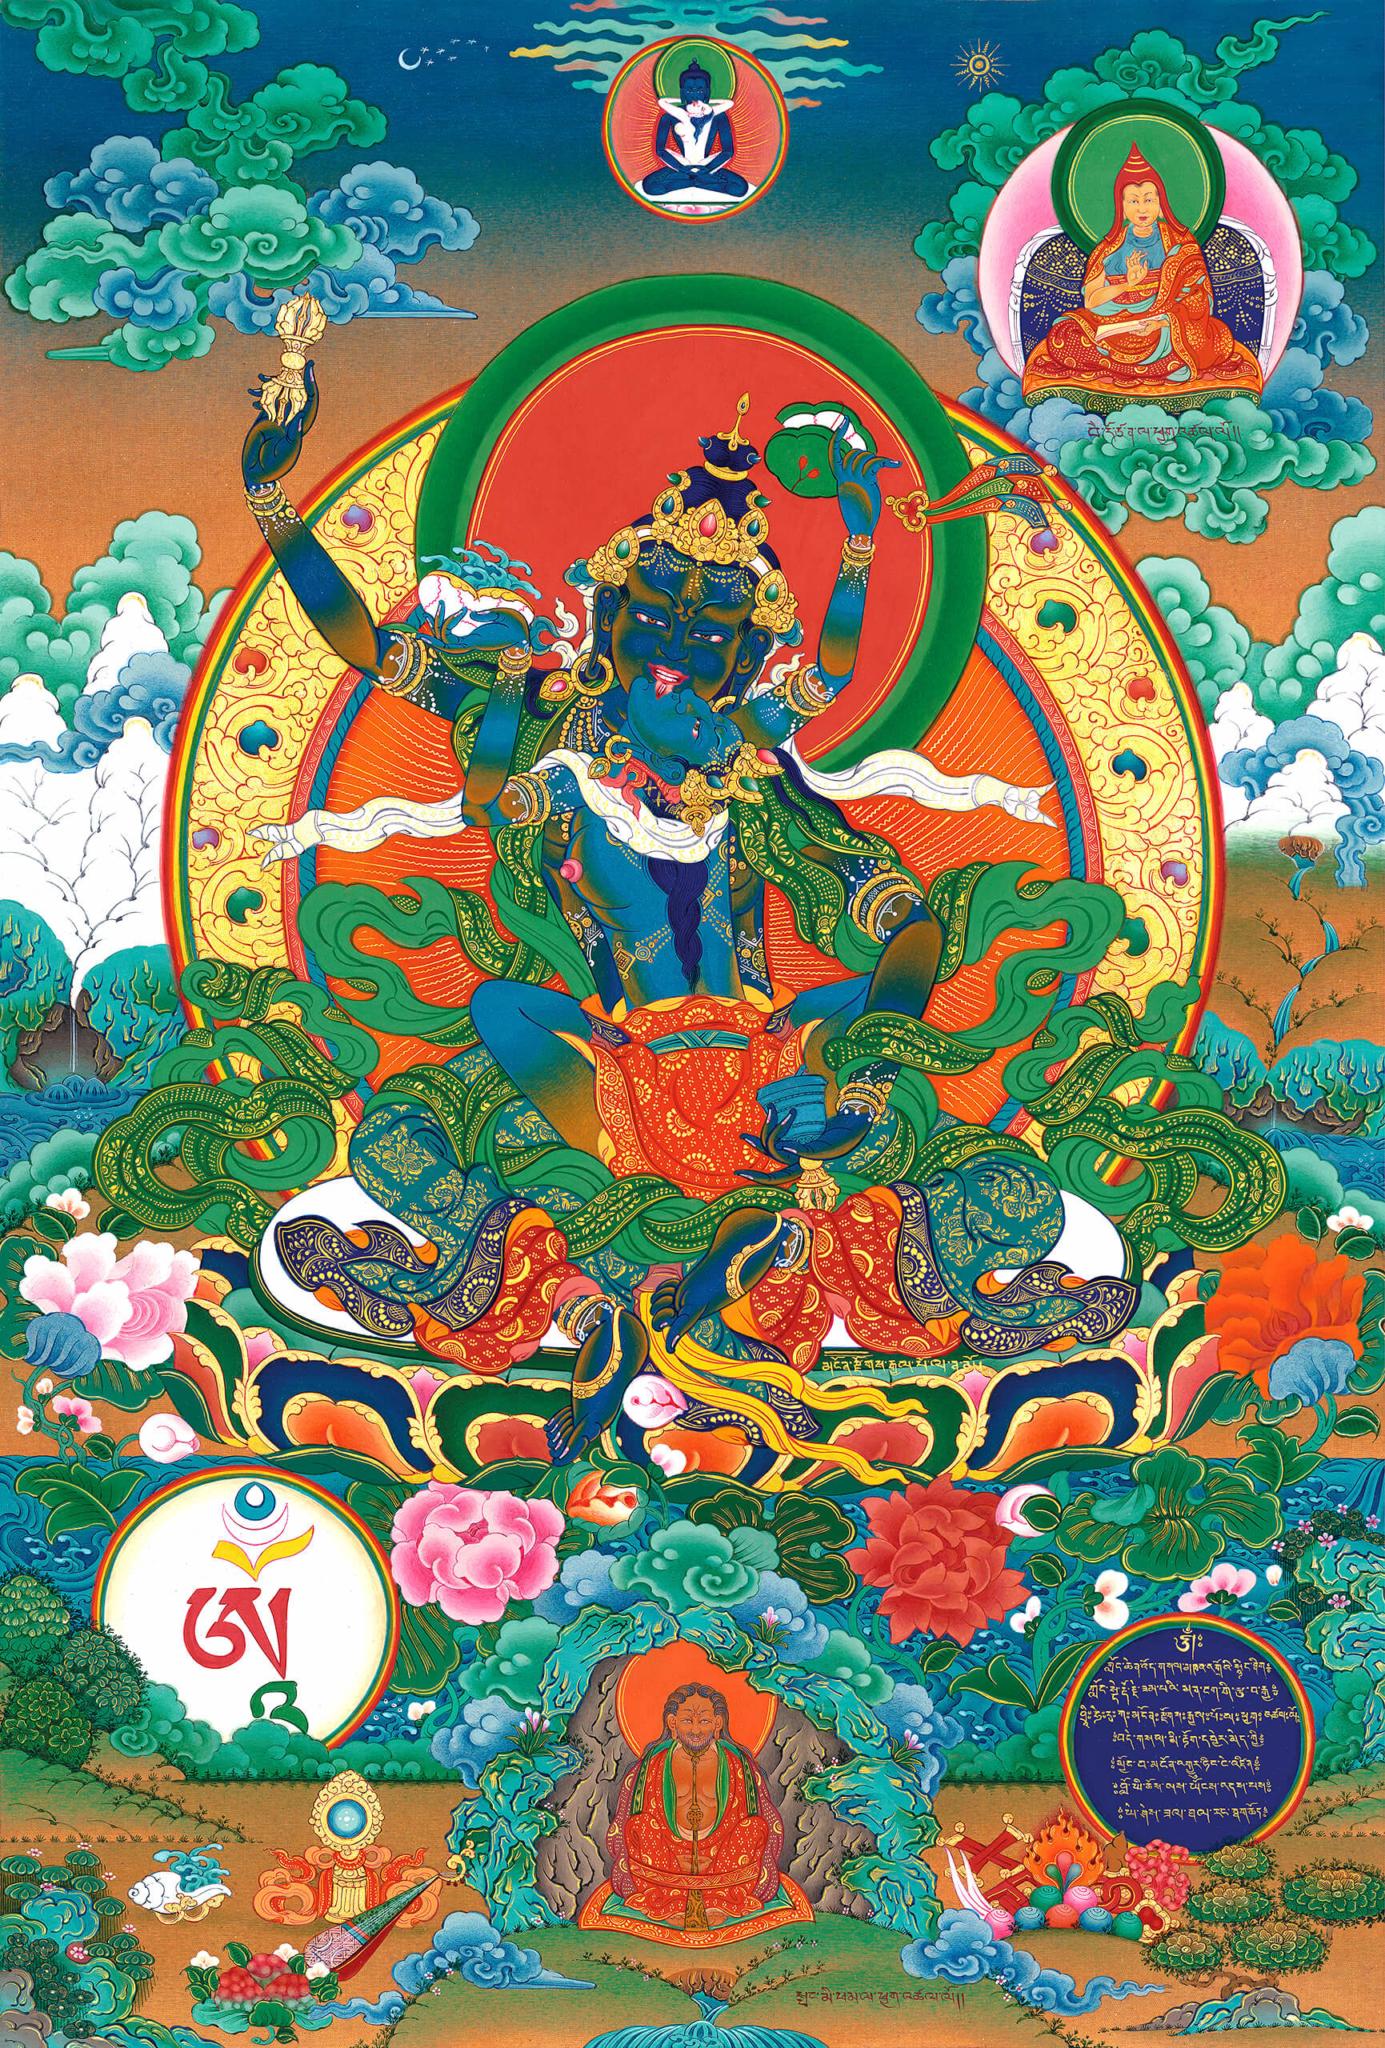 heruka, nantsog gyalpo, dzogchen, buddhist thangka art